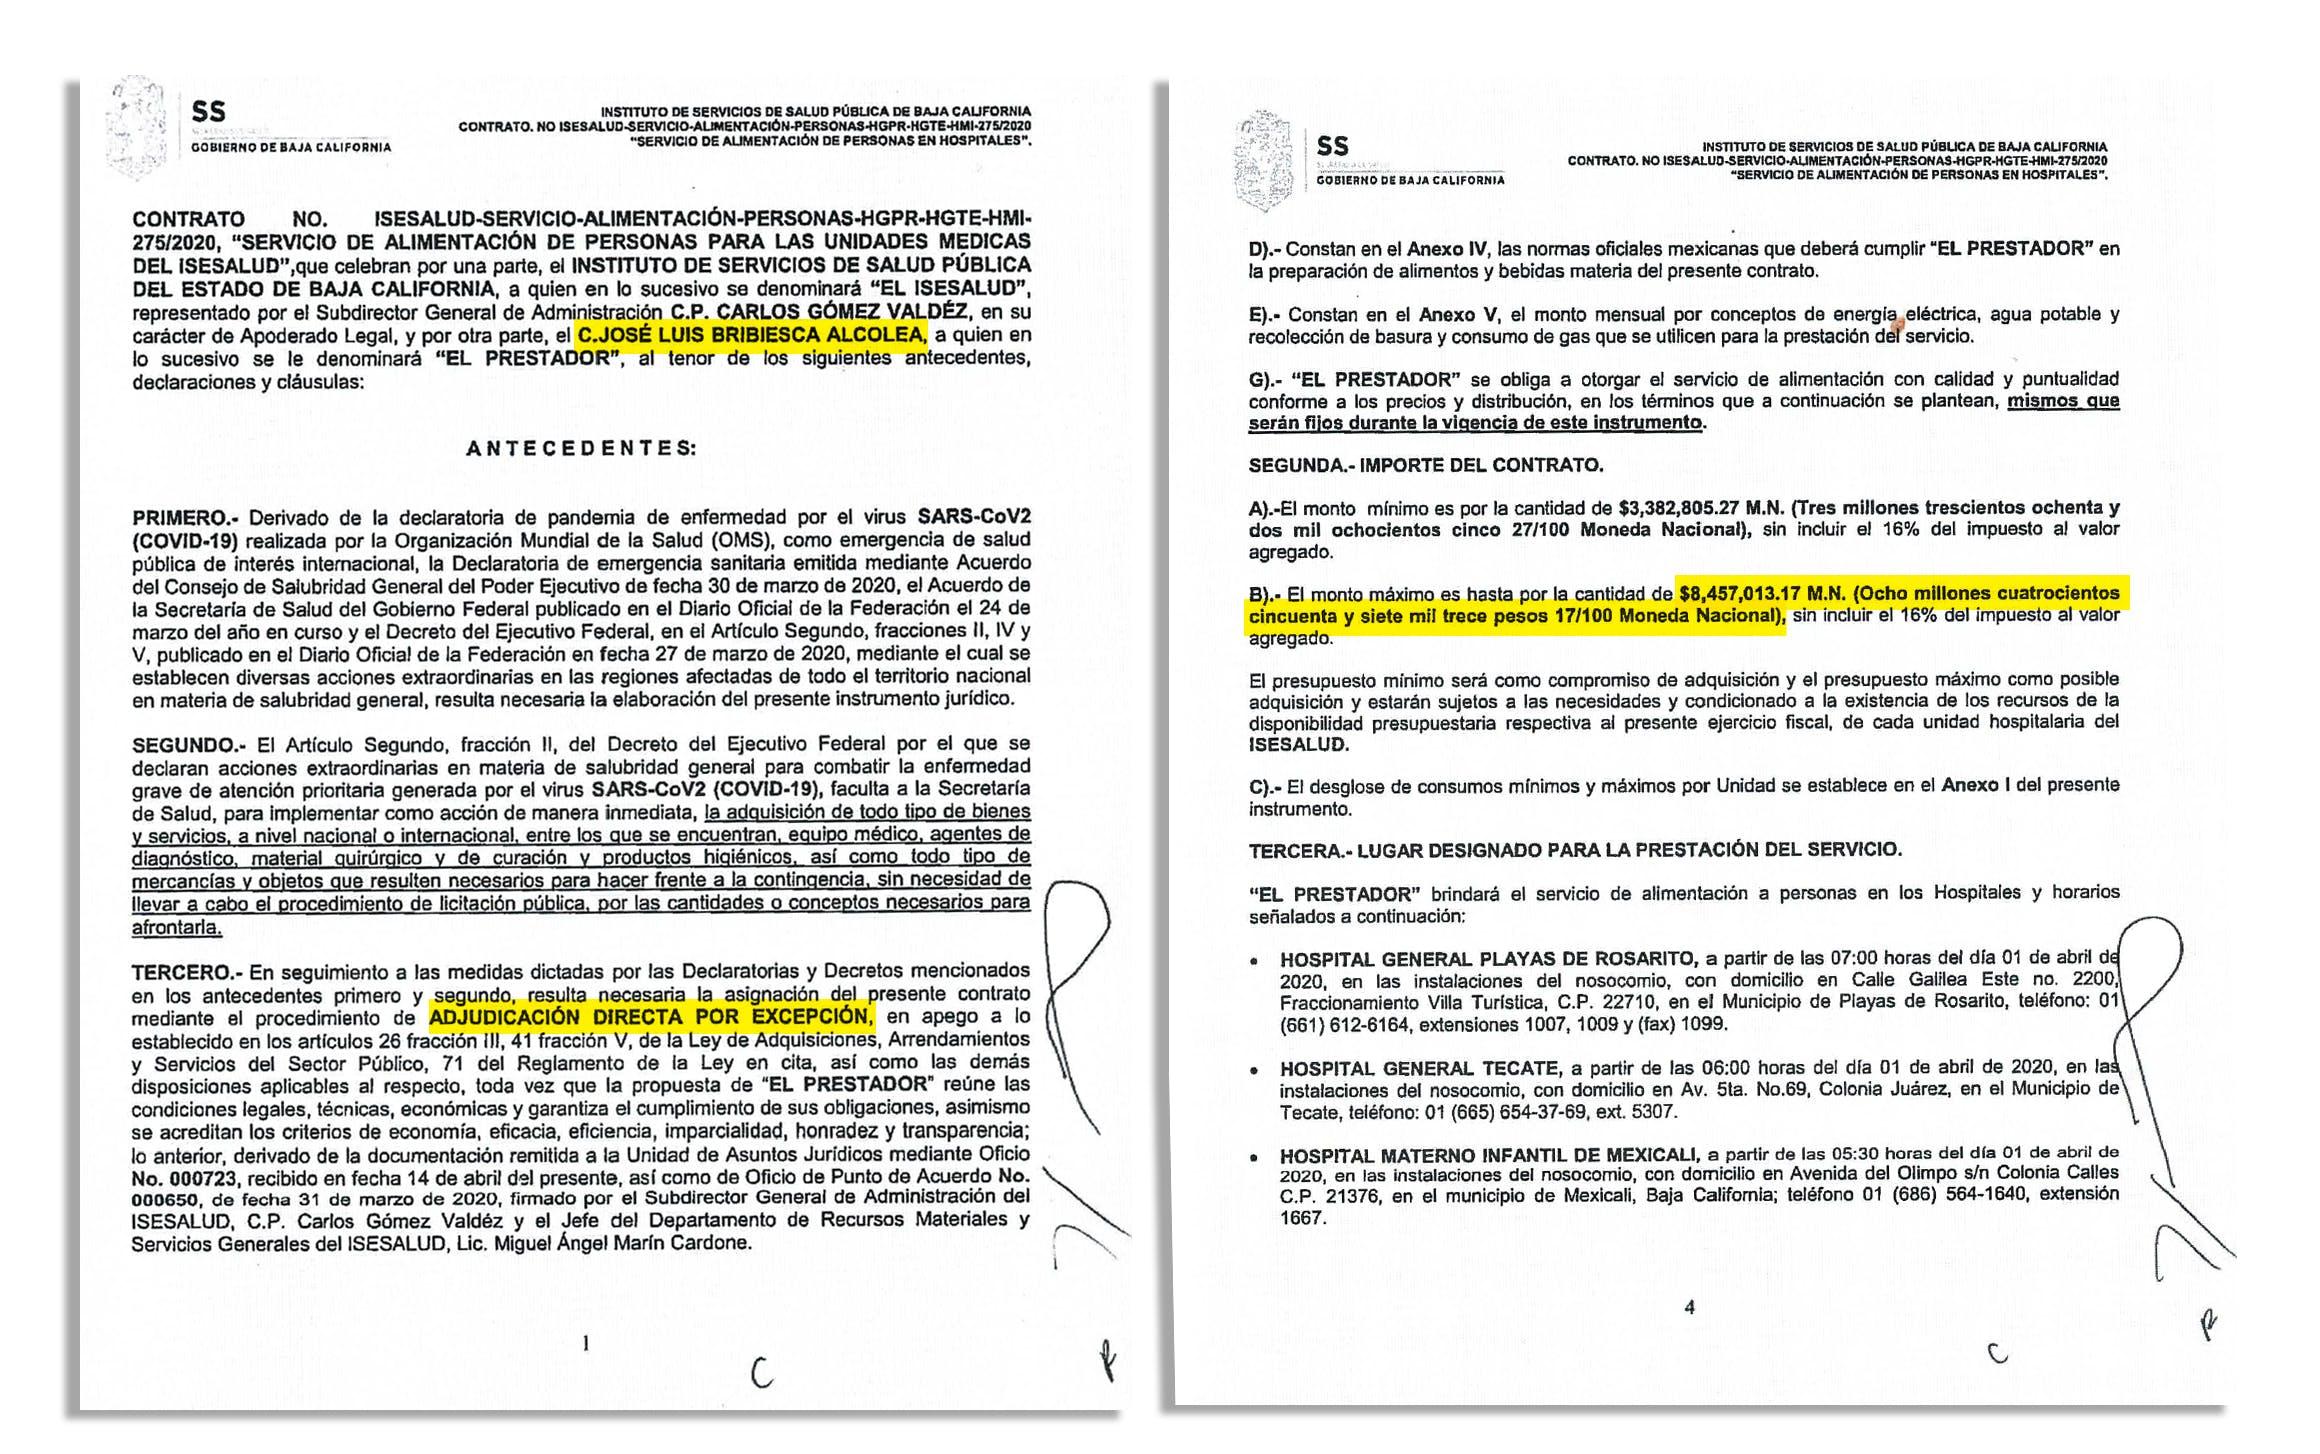 Contratos millonarios José Luis Bribiesca, Brava Gastroindustria.